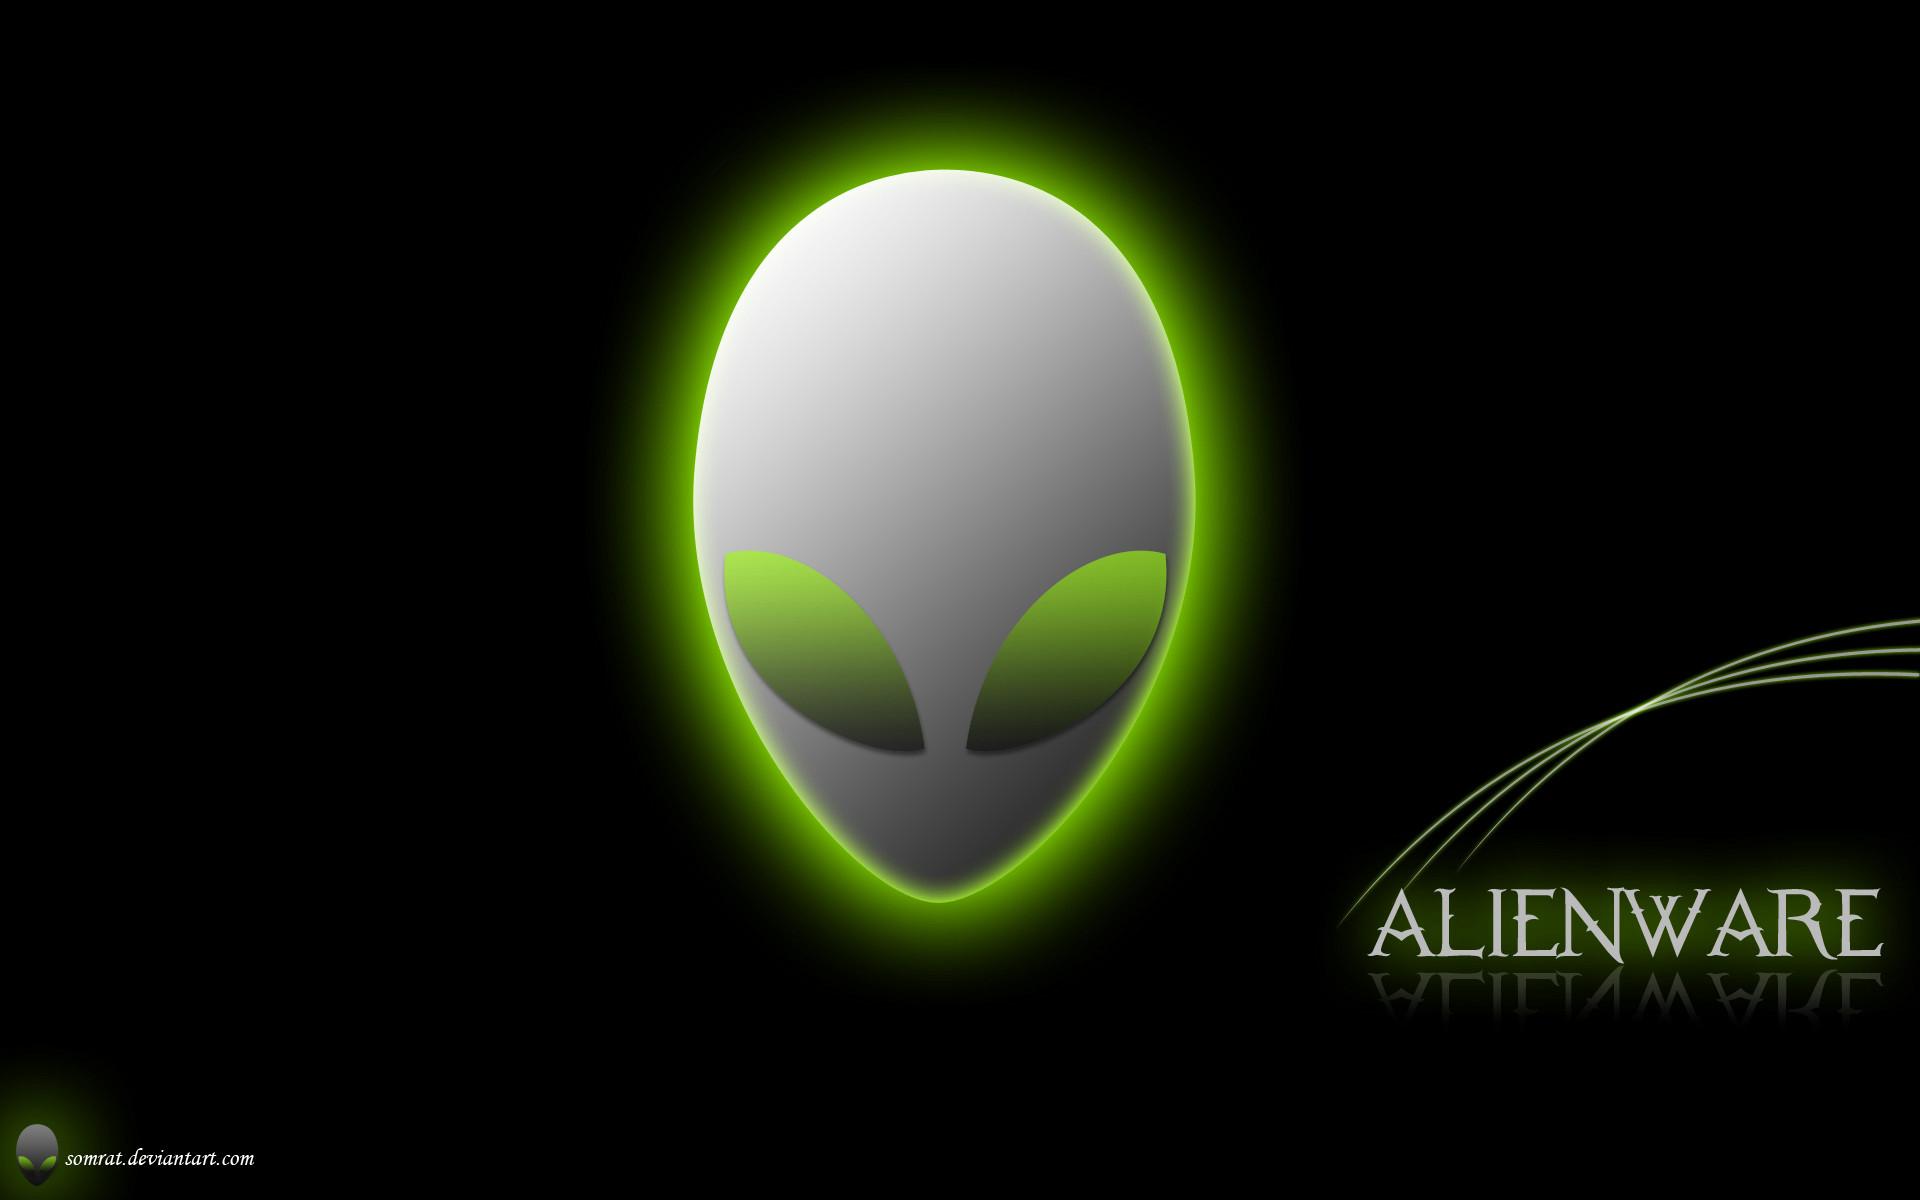 Green Alienware Wallpapers 1920x1200